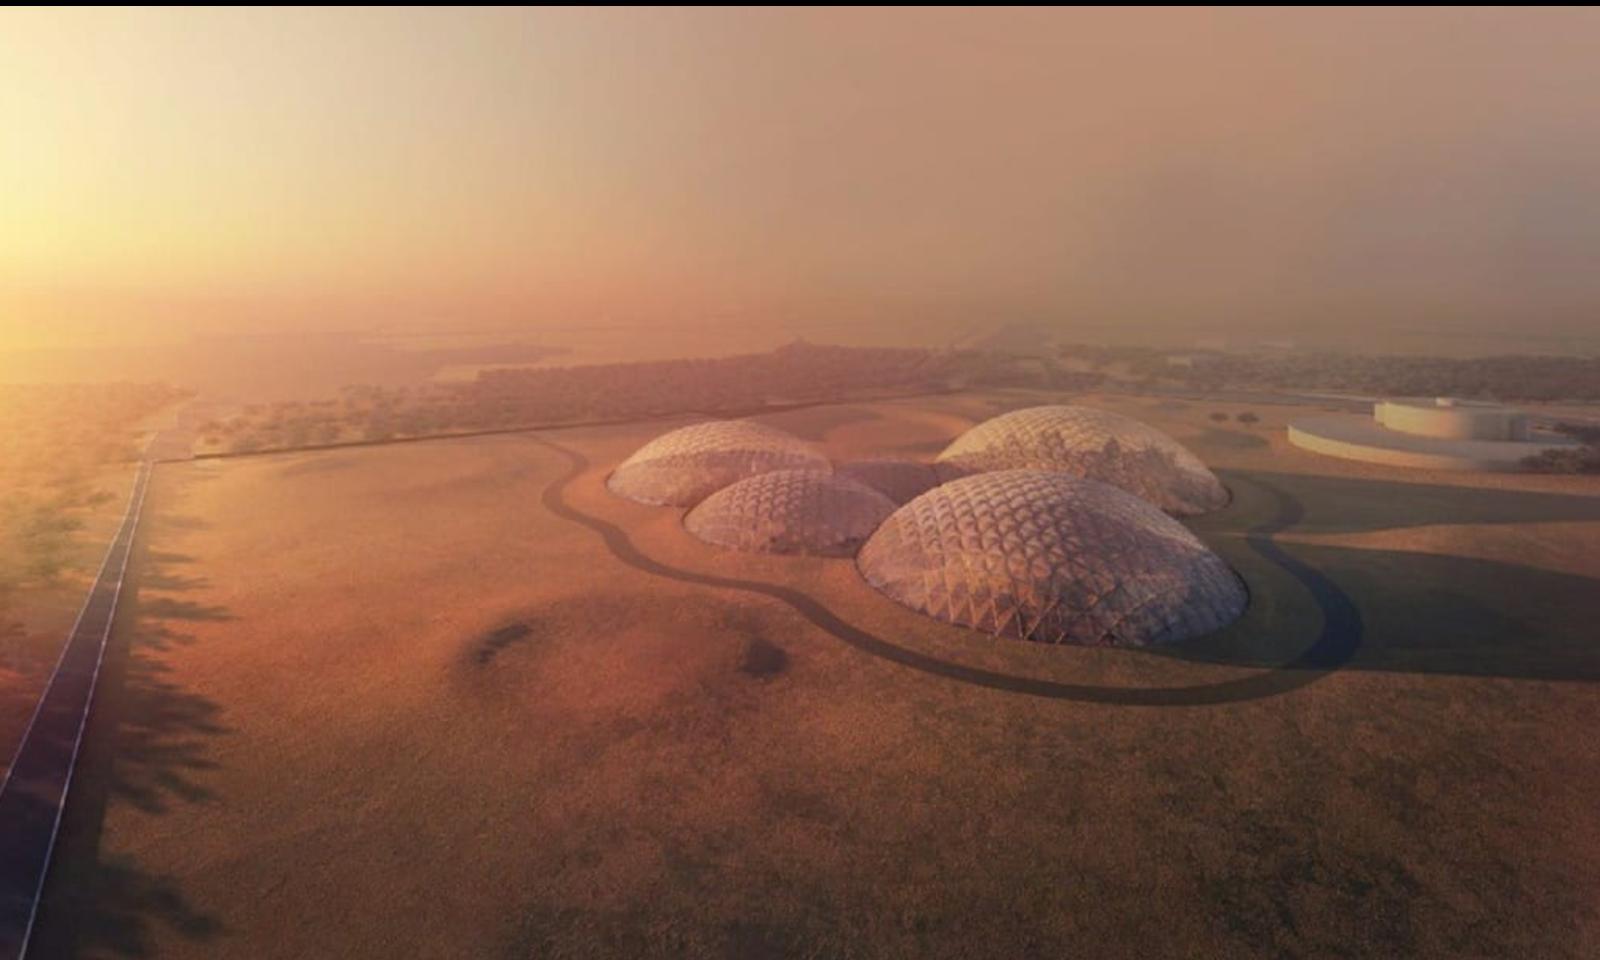 دبئی کے صحرا میں مریخ جیسے شہر کی تعمیر کا منصوبہ